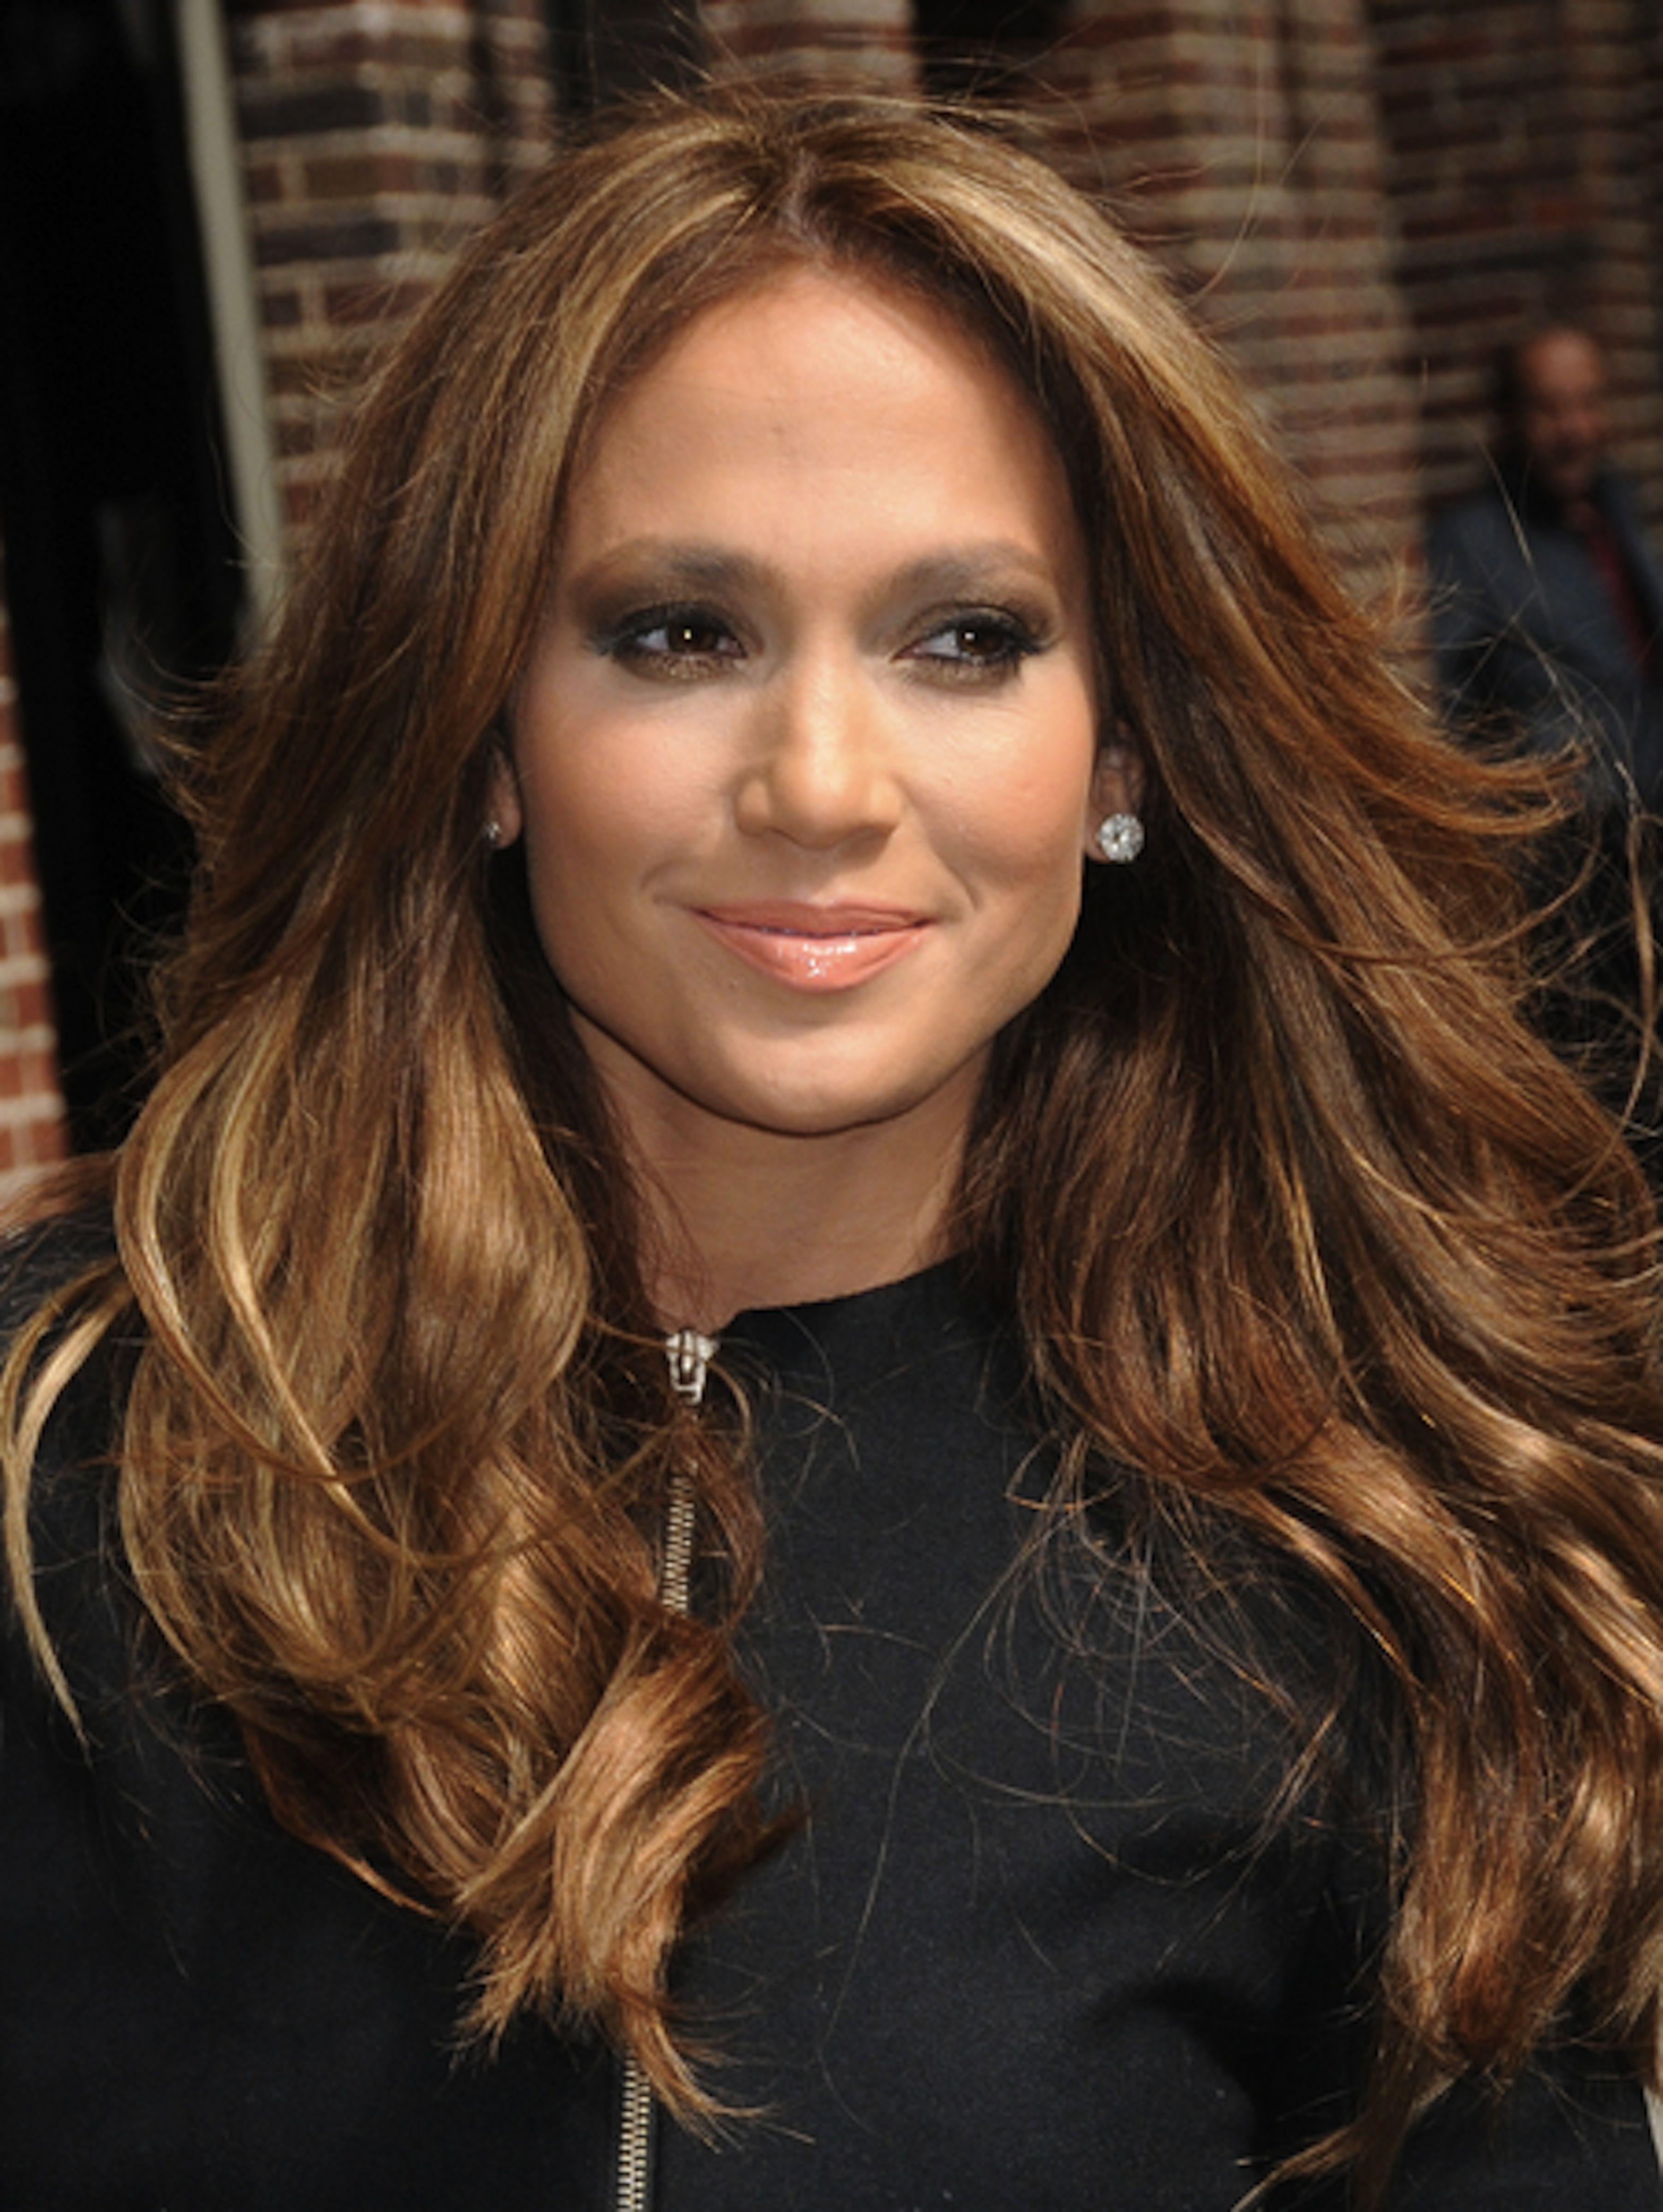 Jennifer Lopez has a warm, golden brown hair color that's